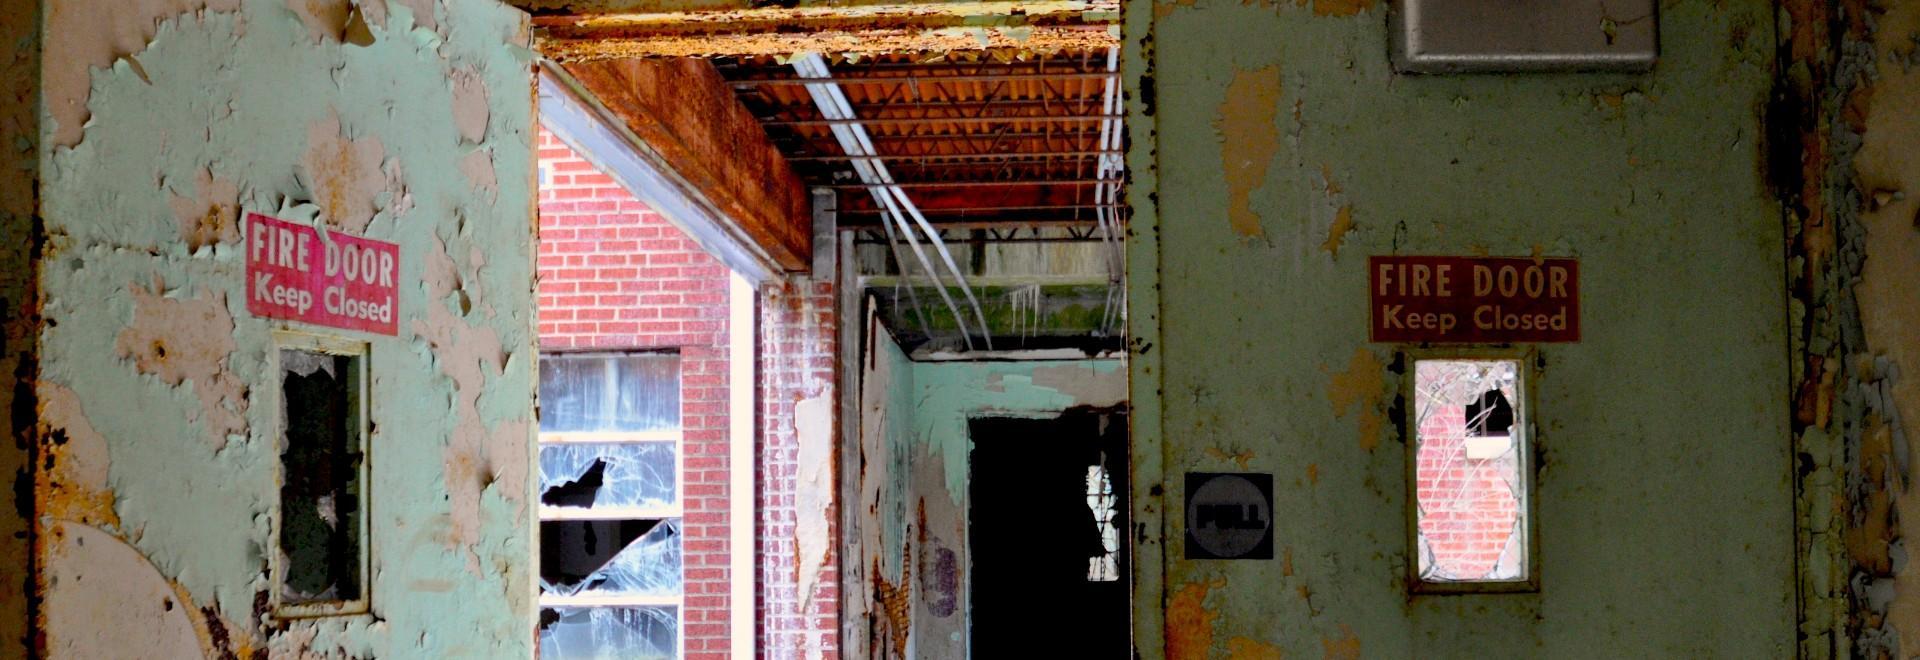 Il penitenziario di Moundsville